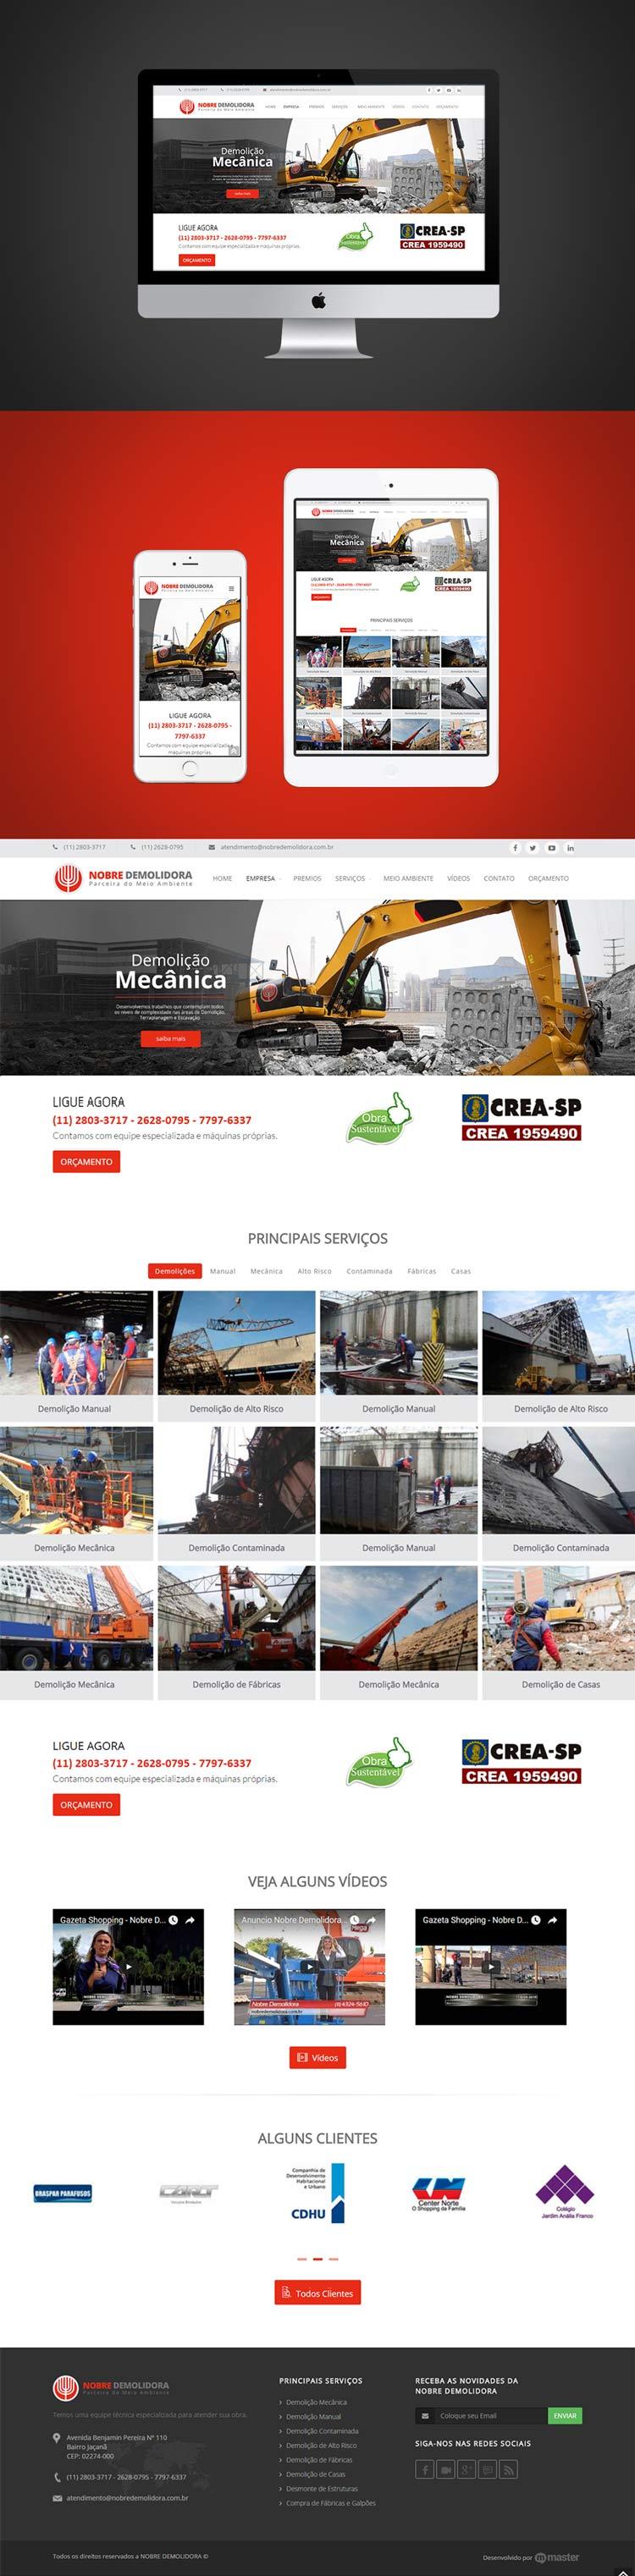 Criação de Site Nobre Demolidora Demolição Especializada